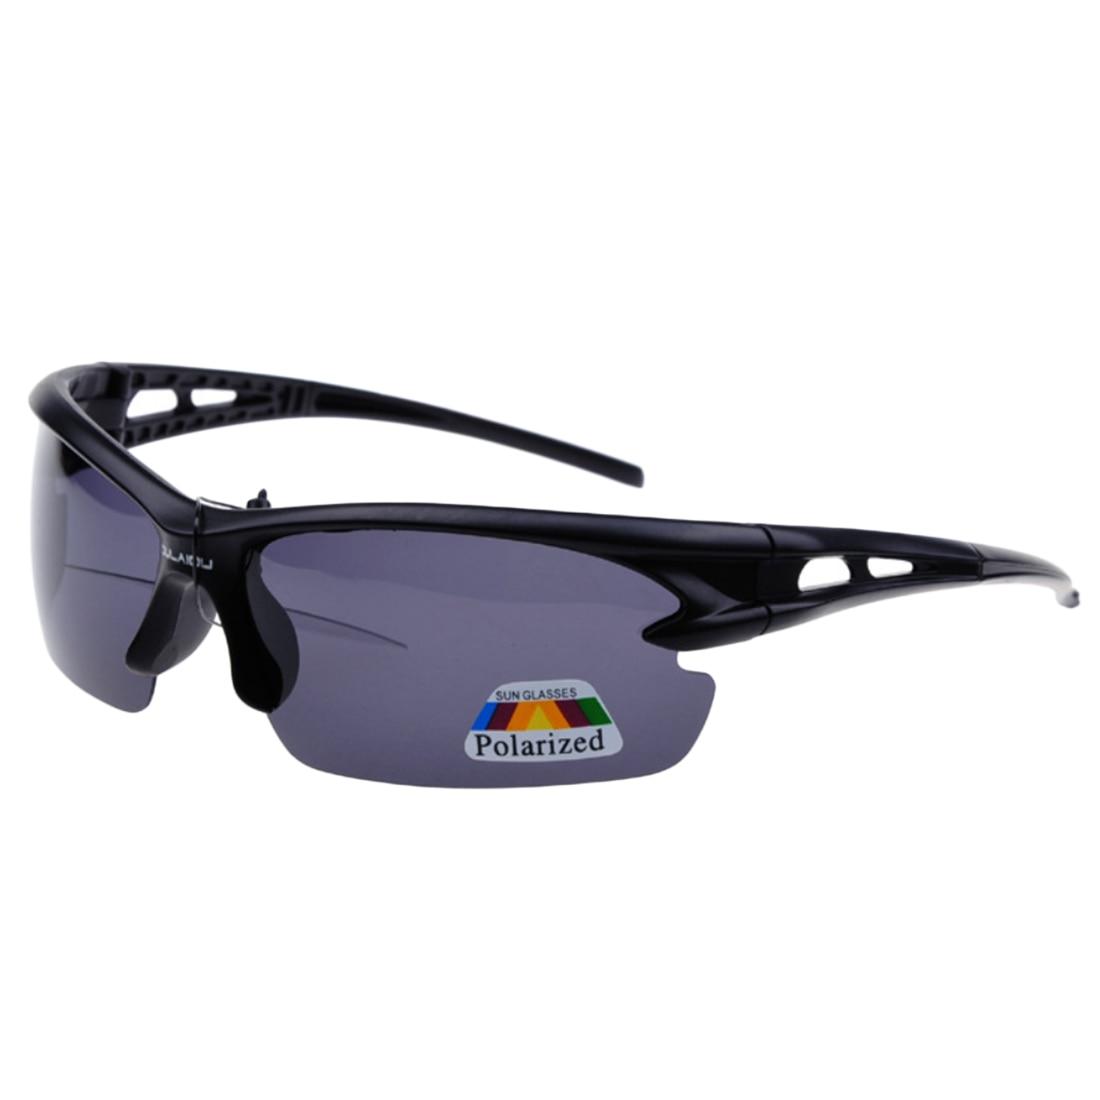 49146d1a9f0e7 Lentes polarizadas Ciclismo Óculos Óculos MTB Estrada Da Montanha Bicicleta  Ciclismo Óculos De Sol Dos Homens Óculos Óculos Gafas Ciclismo